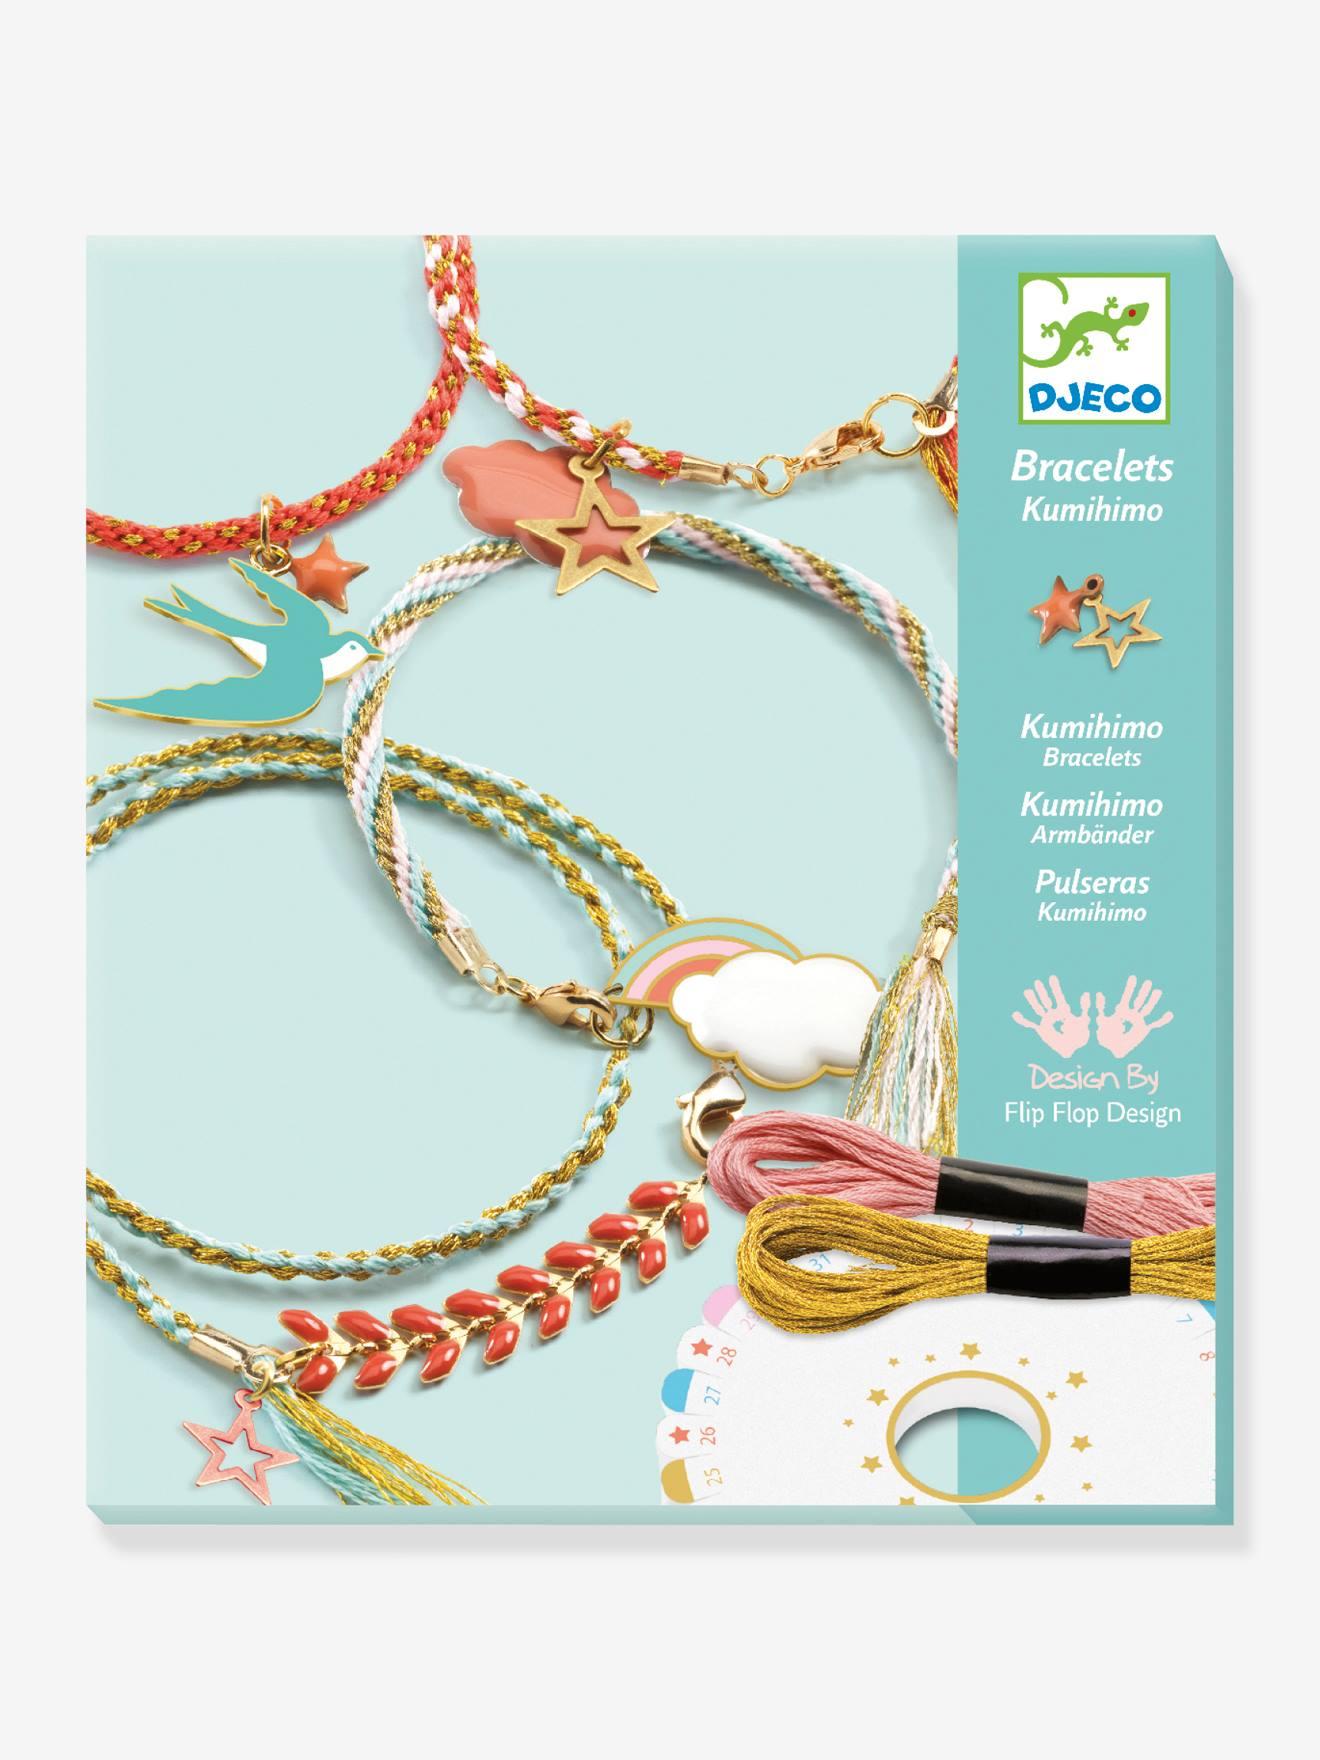 Bracelets Céleste DJECO vert